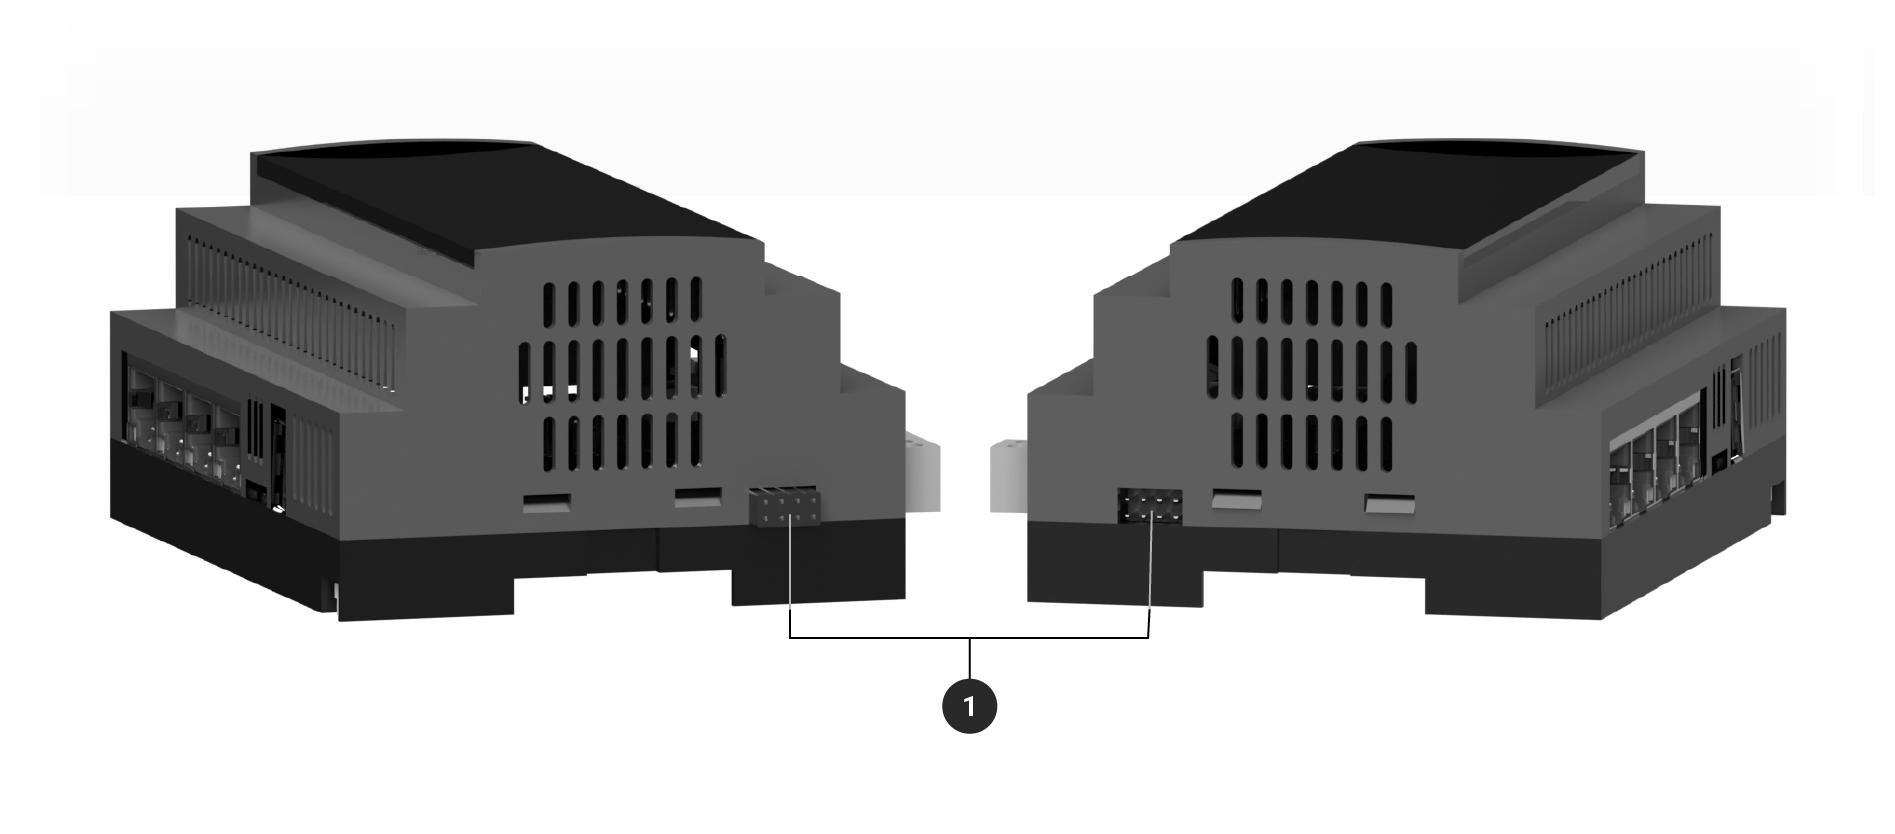 Adquio lite mostrando conectores de expansión laterales